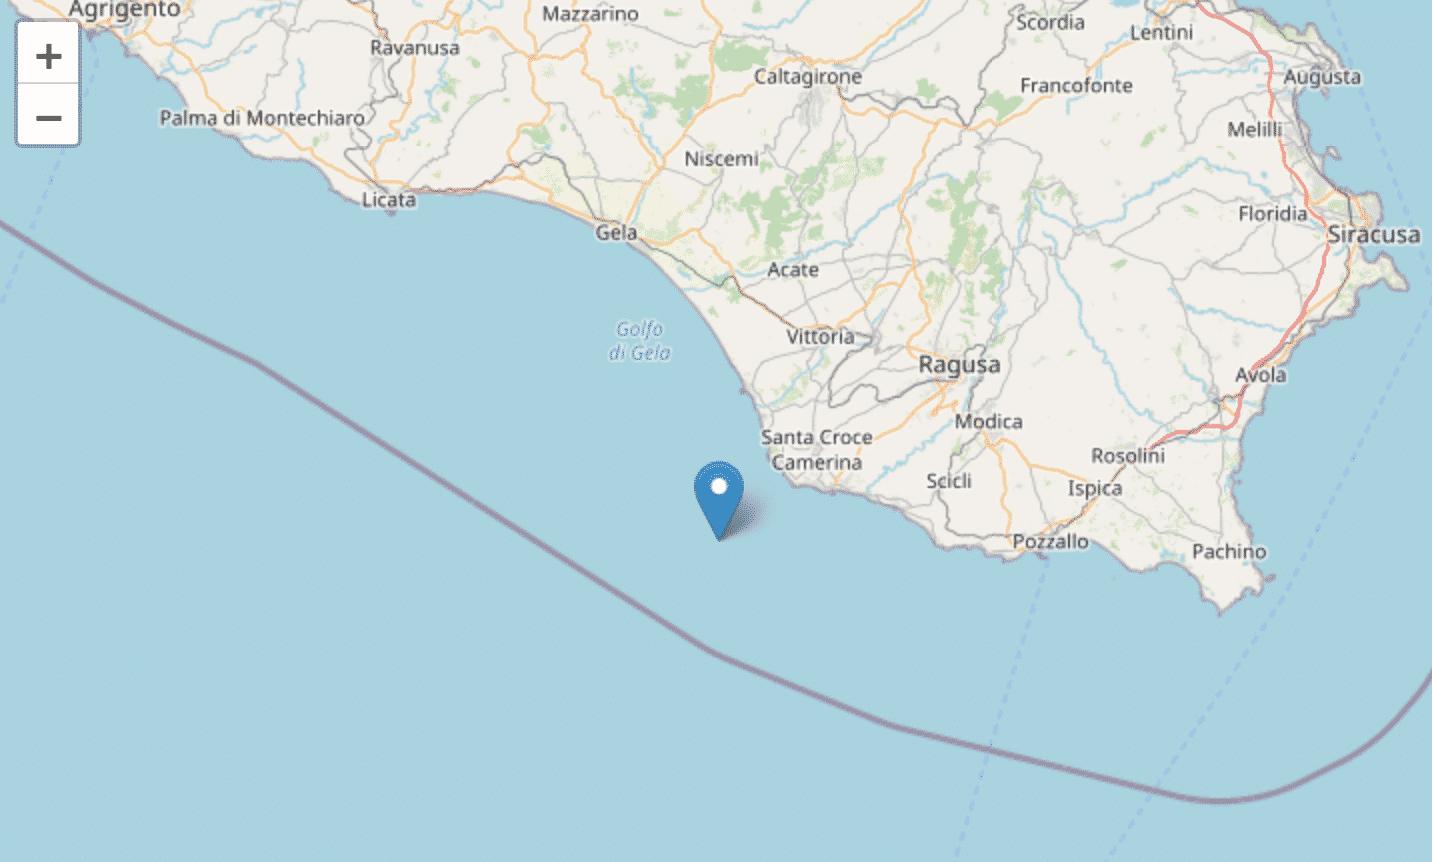 Terremoto in Sicilia, due scosse nella notte: tam-tam sui social, sisma avvertito dagli abitanti